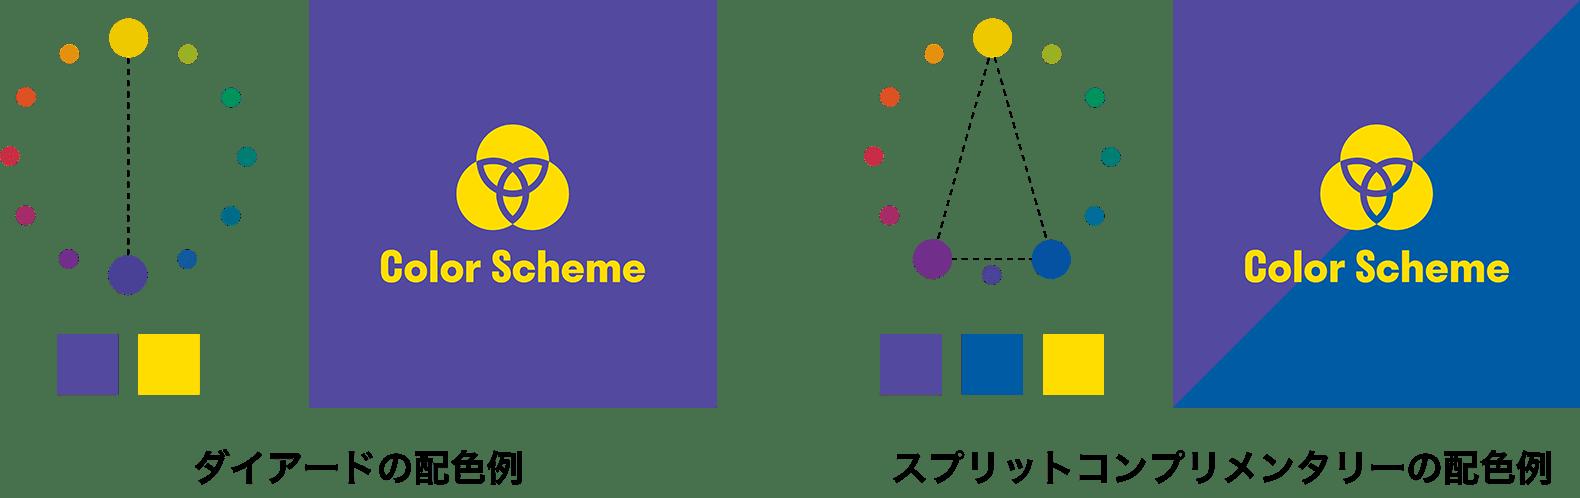 ダイアード、スプリットコンプリメンタリーの配色例